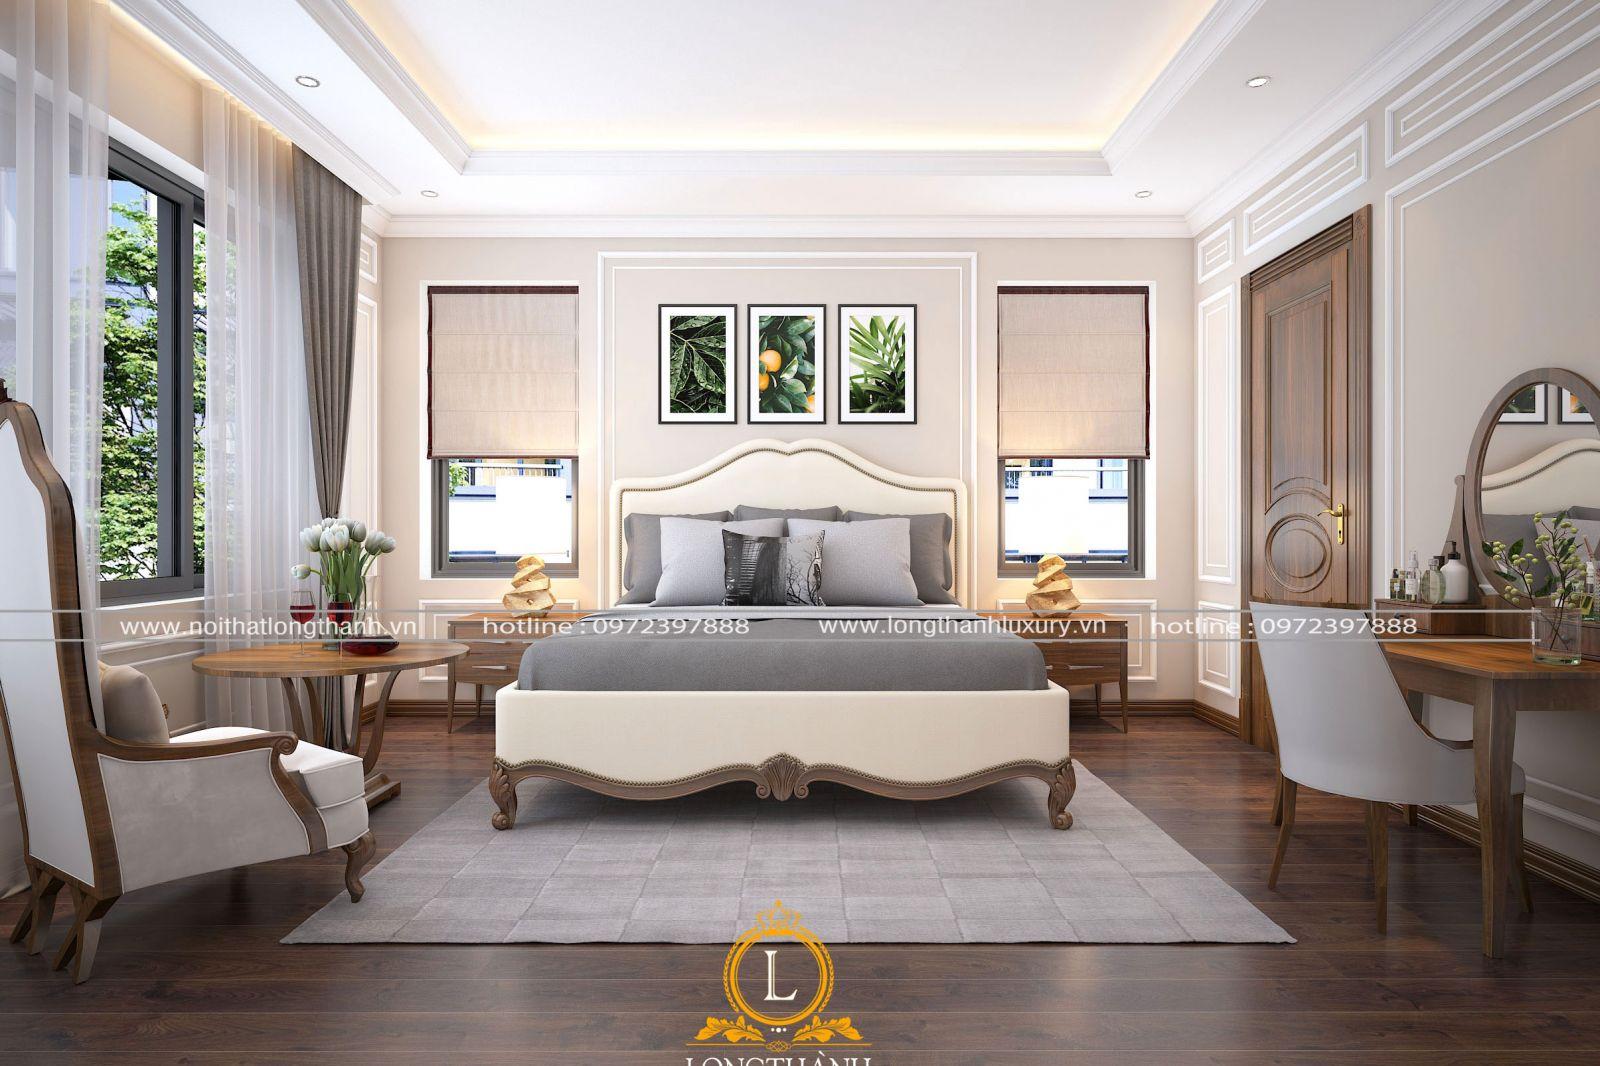 Thêm một mẫu phòng ngủ từ gỗ Óc Chó cao cấp với kiểu dáng nhẹ nhàng tinh tế